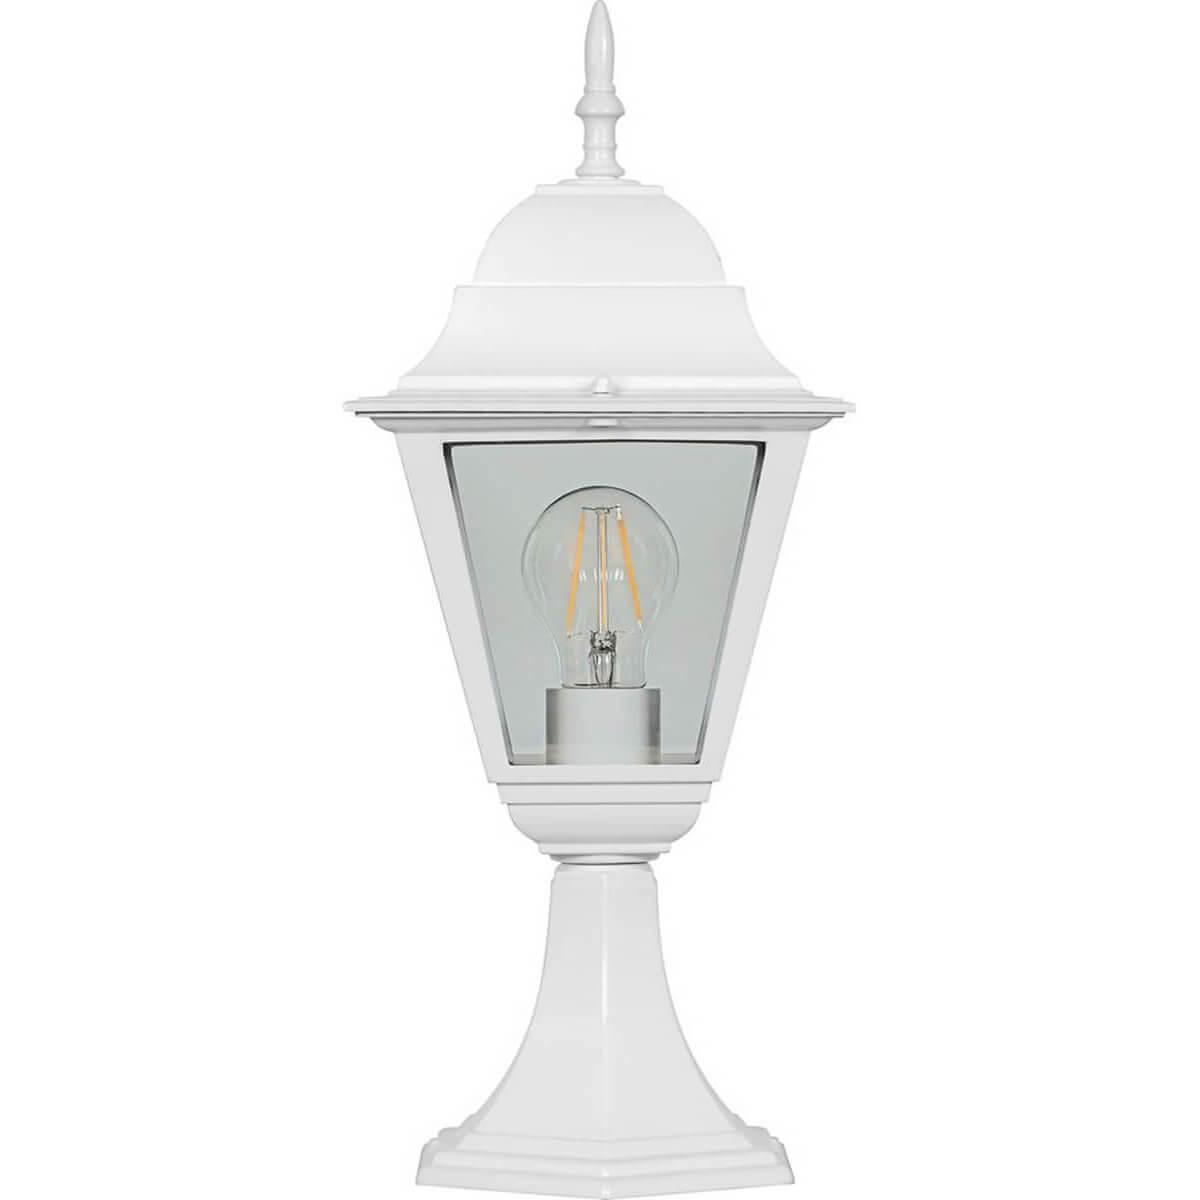 цена на Уличный светильник Feron 4104 11019